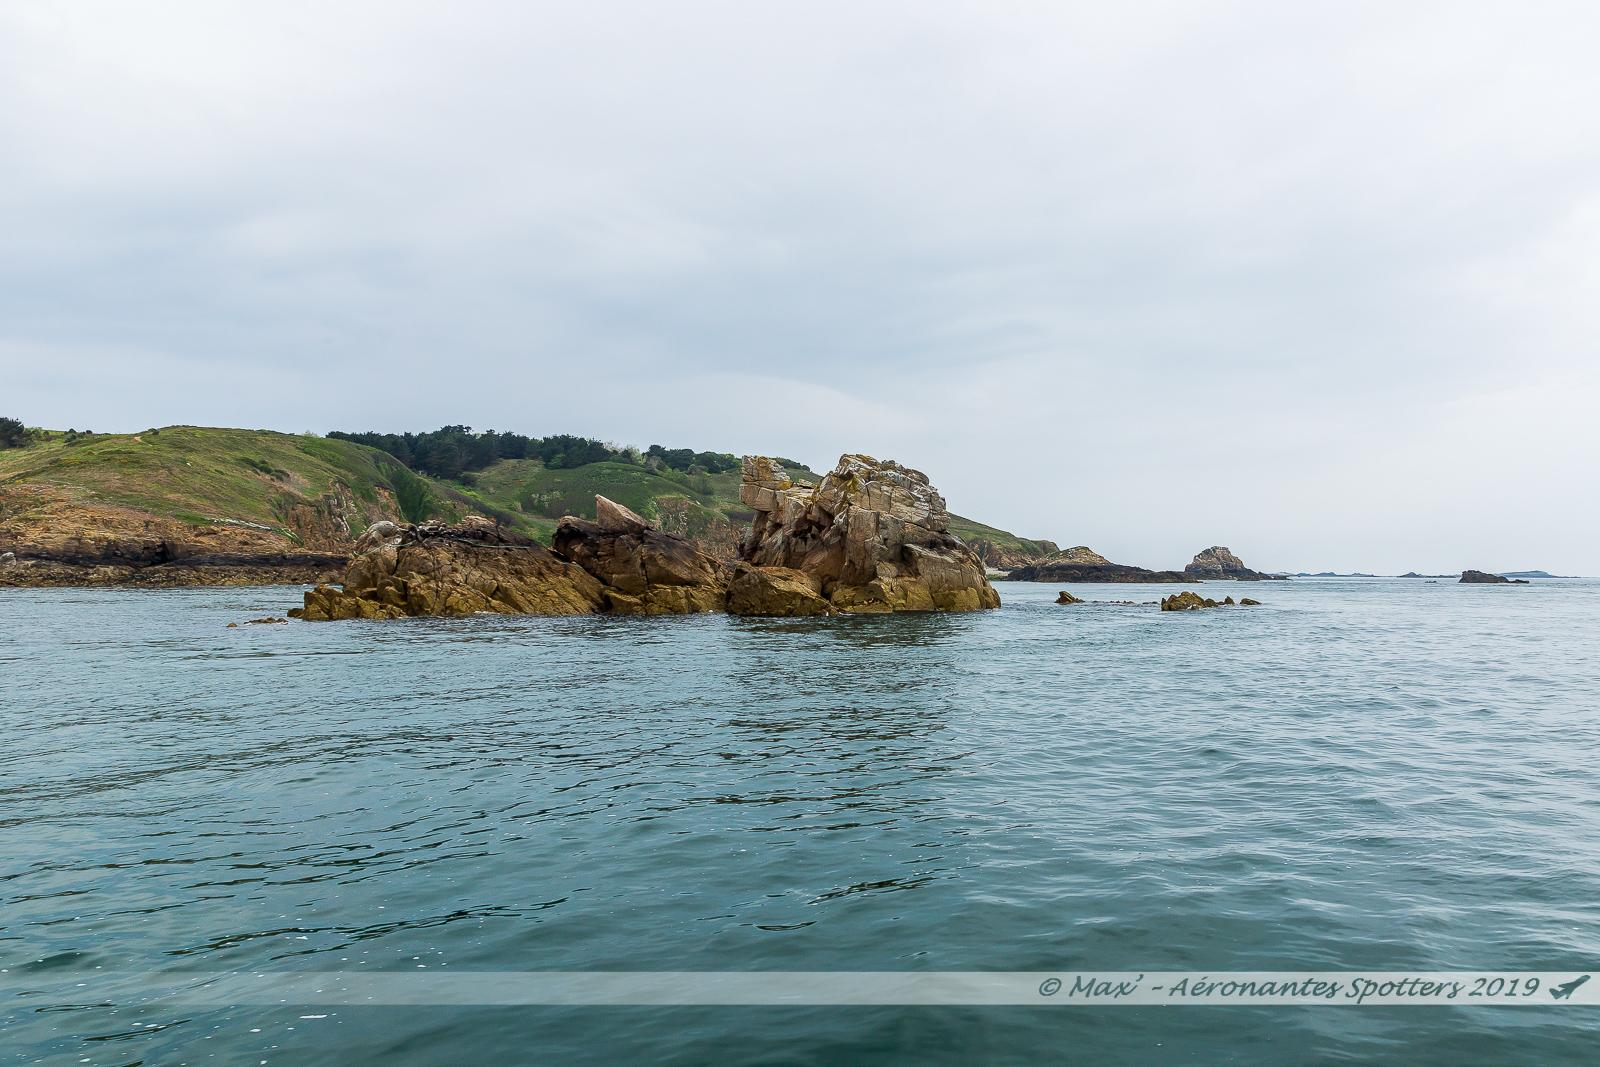 Herm Island - îlots de la Grande et de la Petite Fauconnière